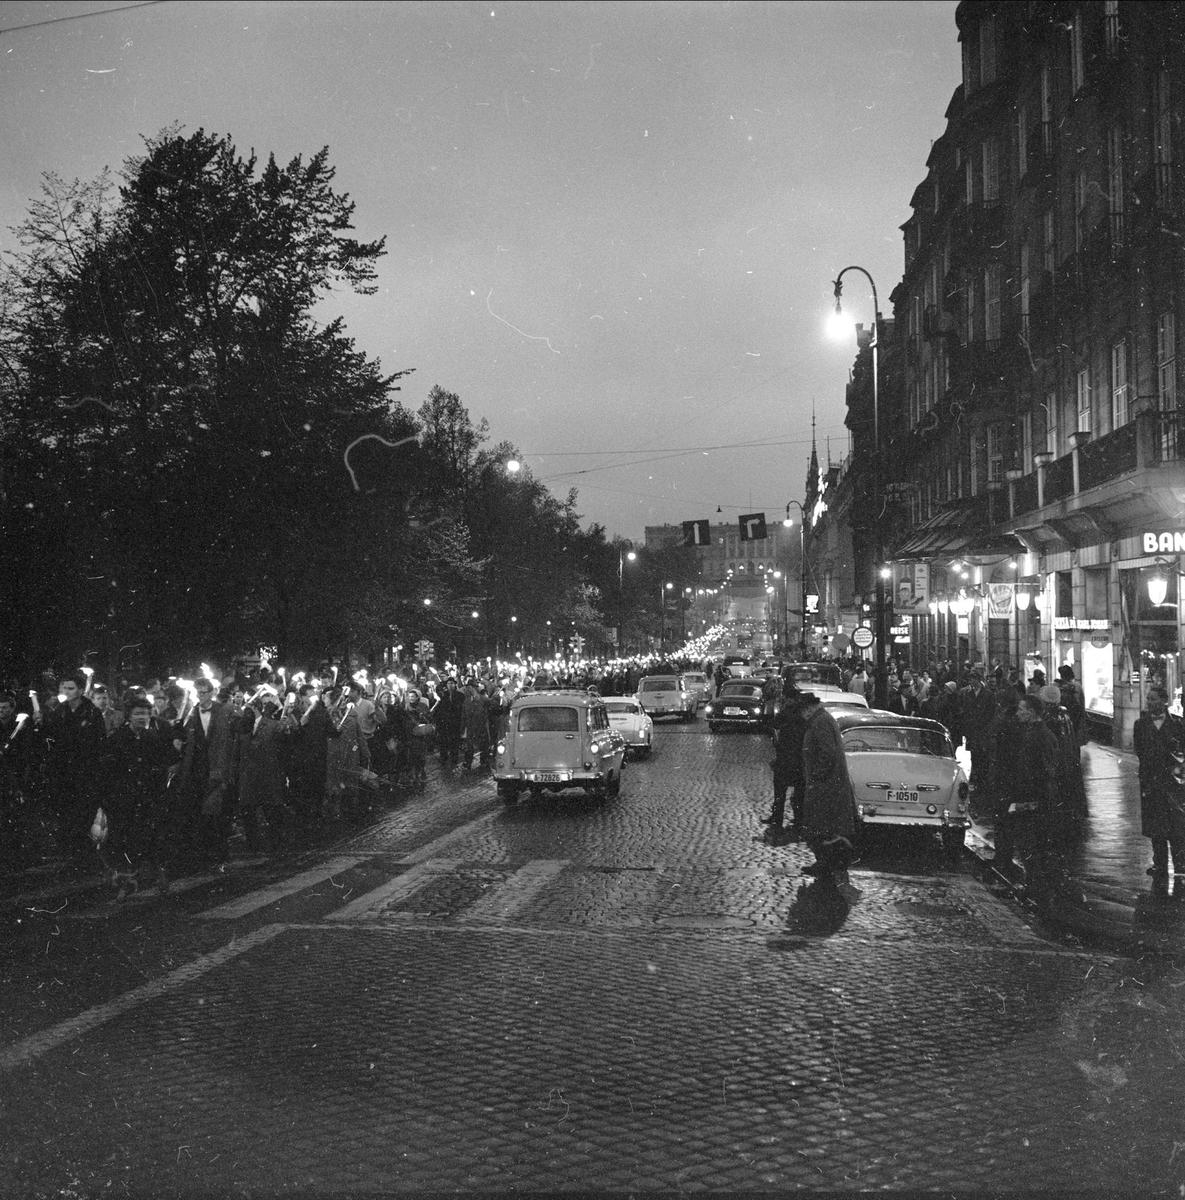 Demonstrasjoner, Oslo,  05.05.1961, professor Pauling, fakkeltog, Stortorget.